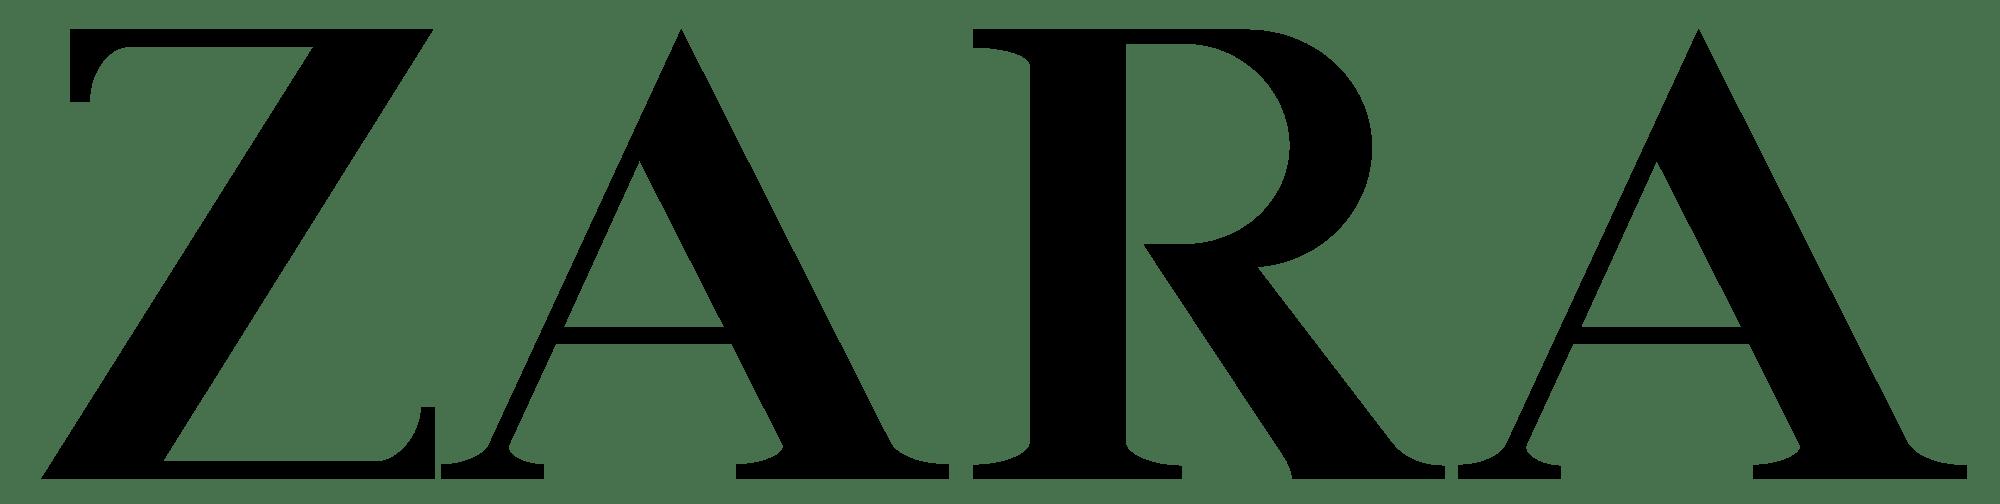 Zara Logo transparent PNG.